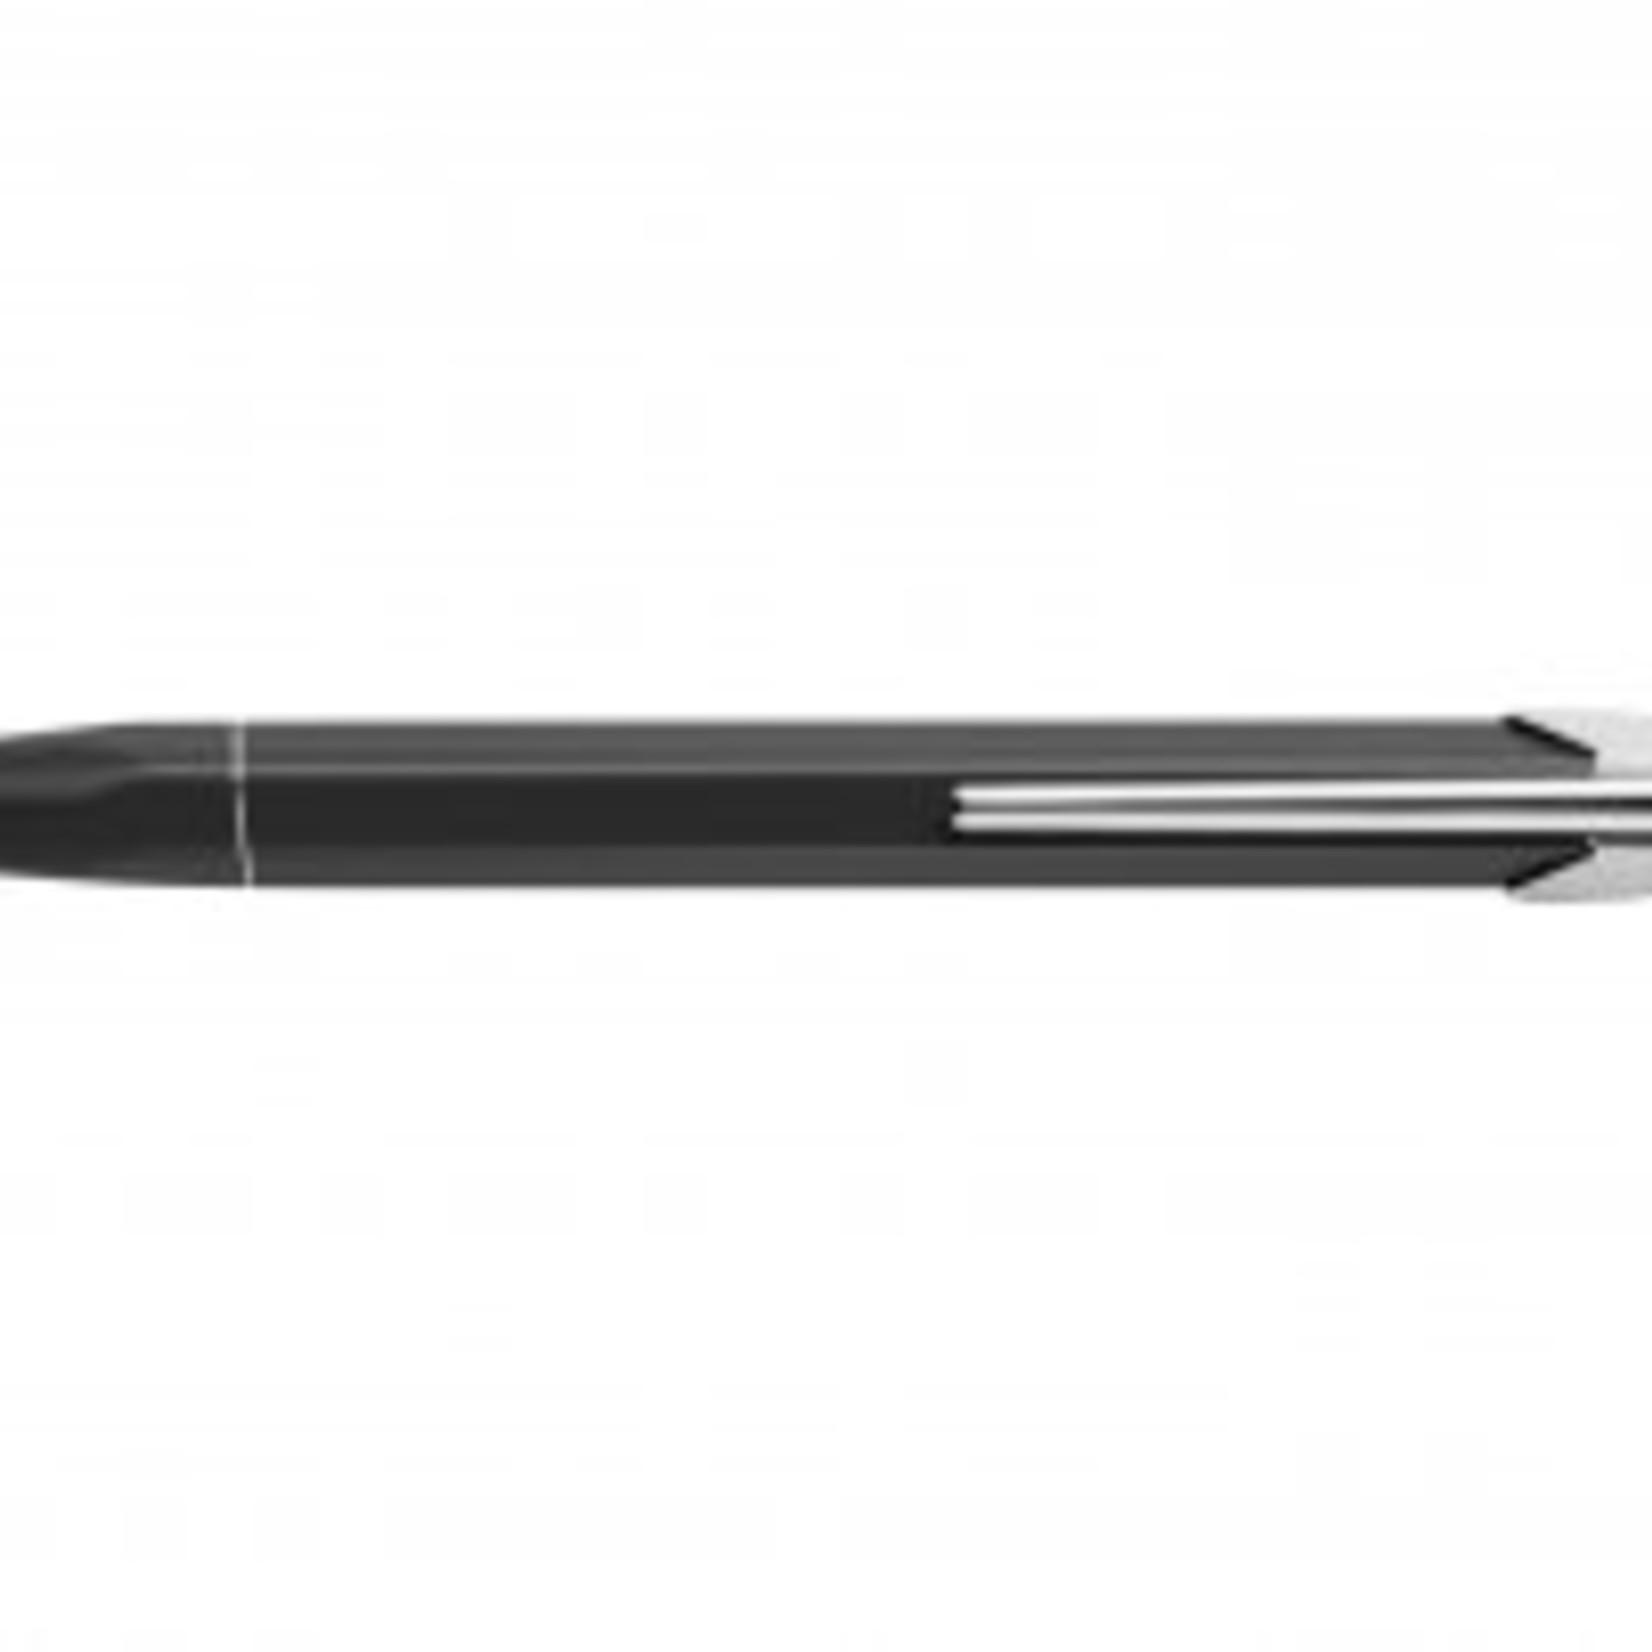 Caran d'Ache 849 Pop Line Kugelschreiber mit Etui, schwarz